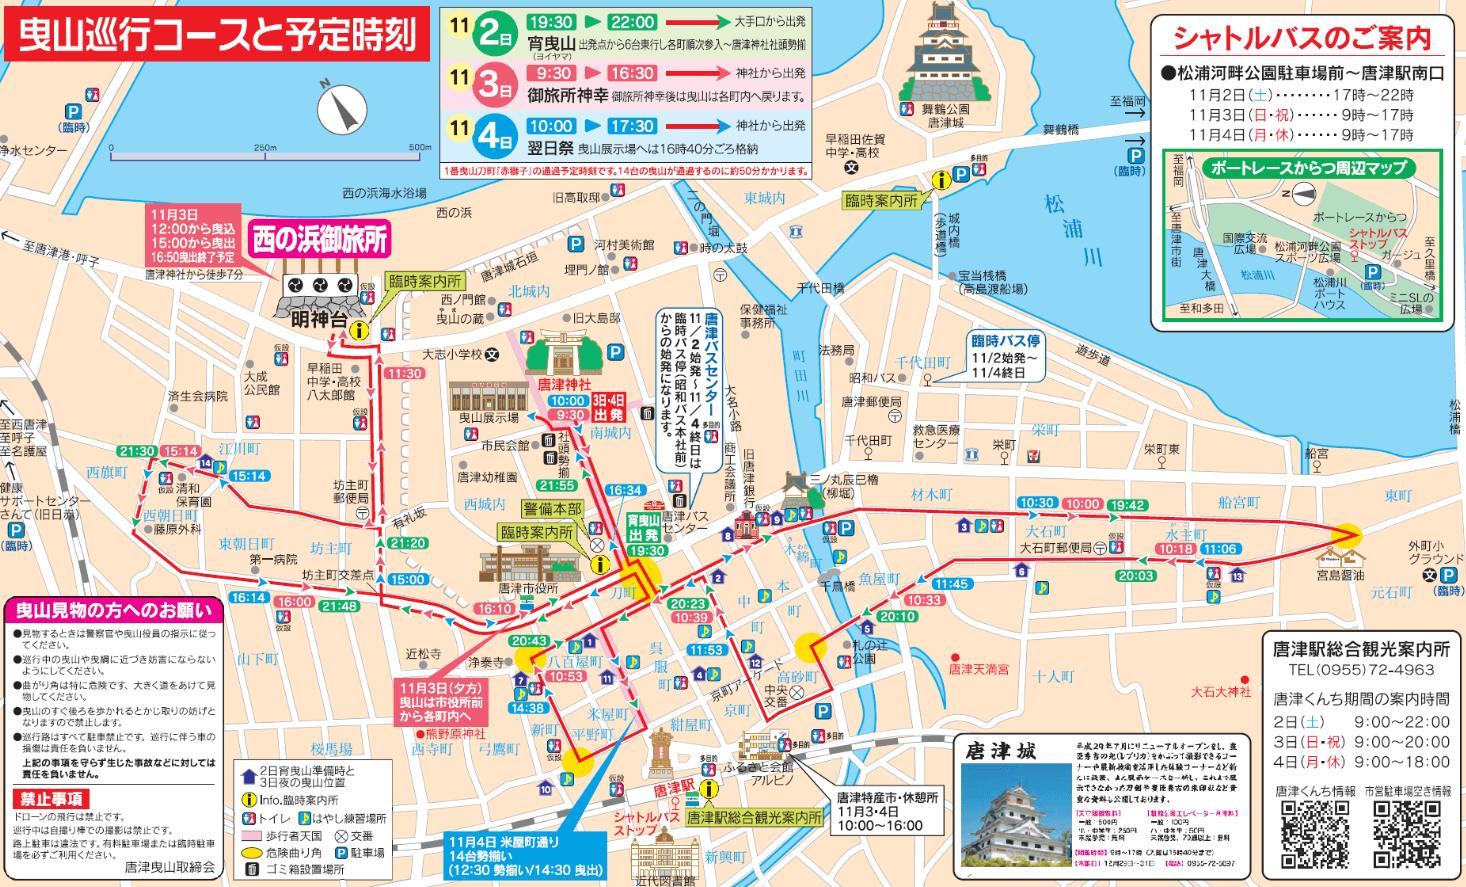 唐津くんち 曳山巡行コース 地図